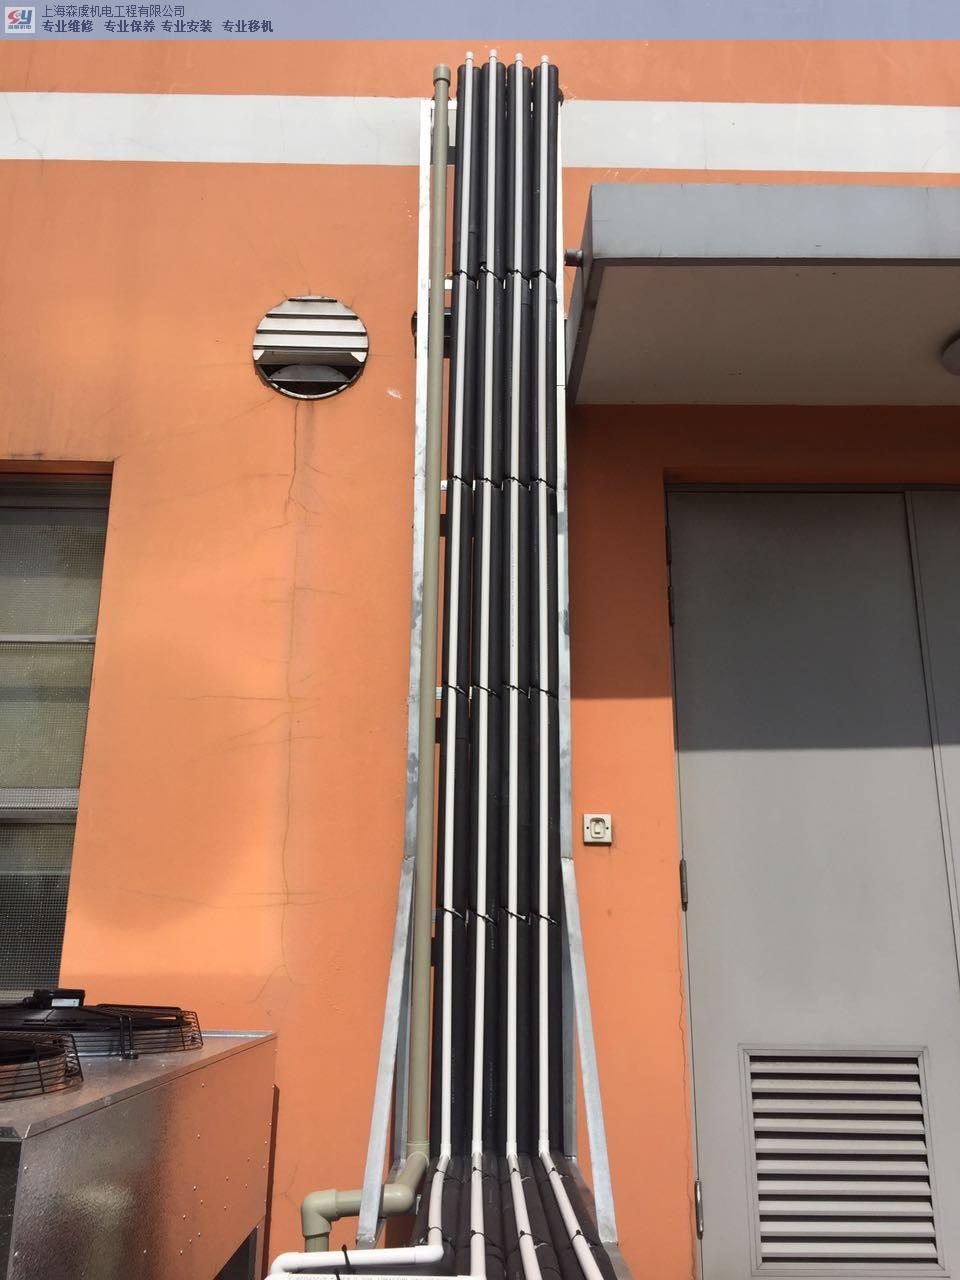 杭州艾默生机房空调清洗上门维修,机房空调清洗